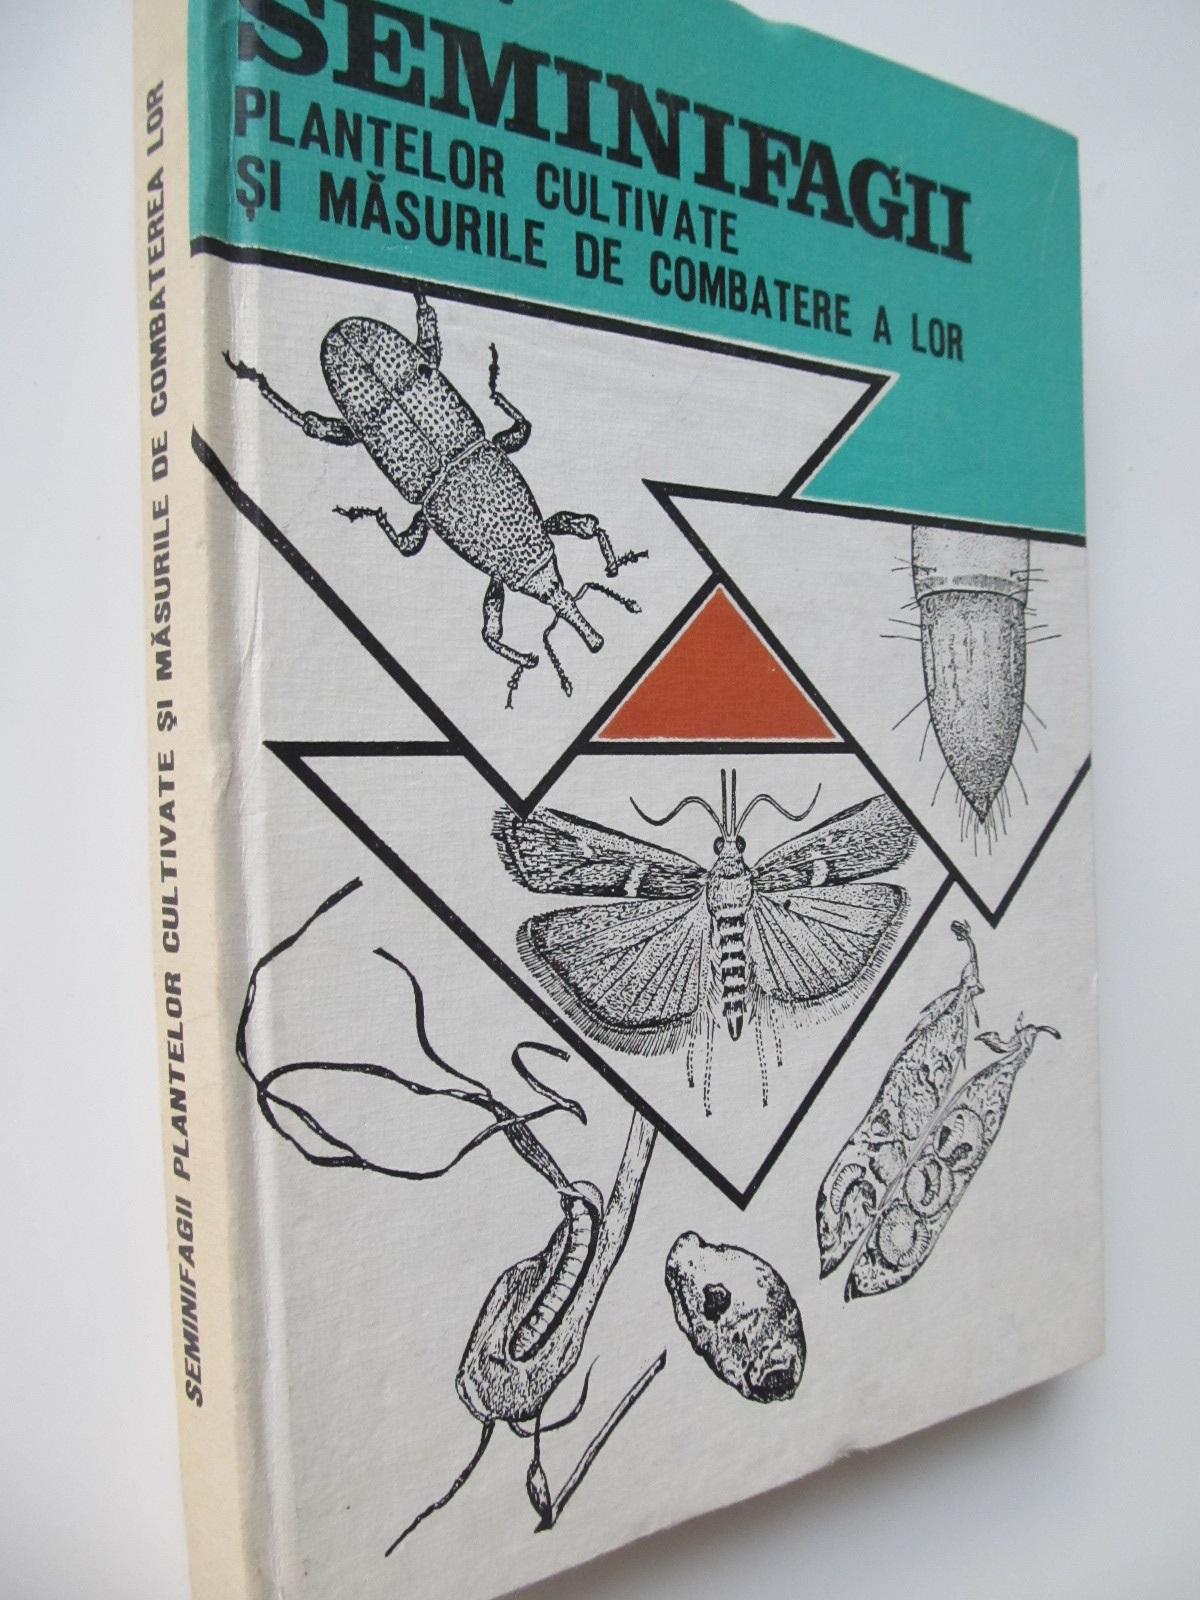 Seminifagii plantelor cultivate si masurile de combatere a lor - Teudosie Perju | Detalii carte